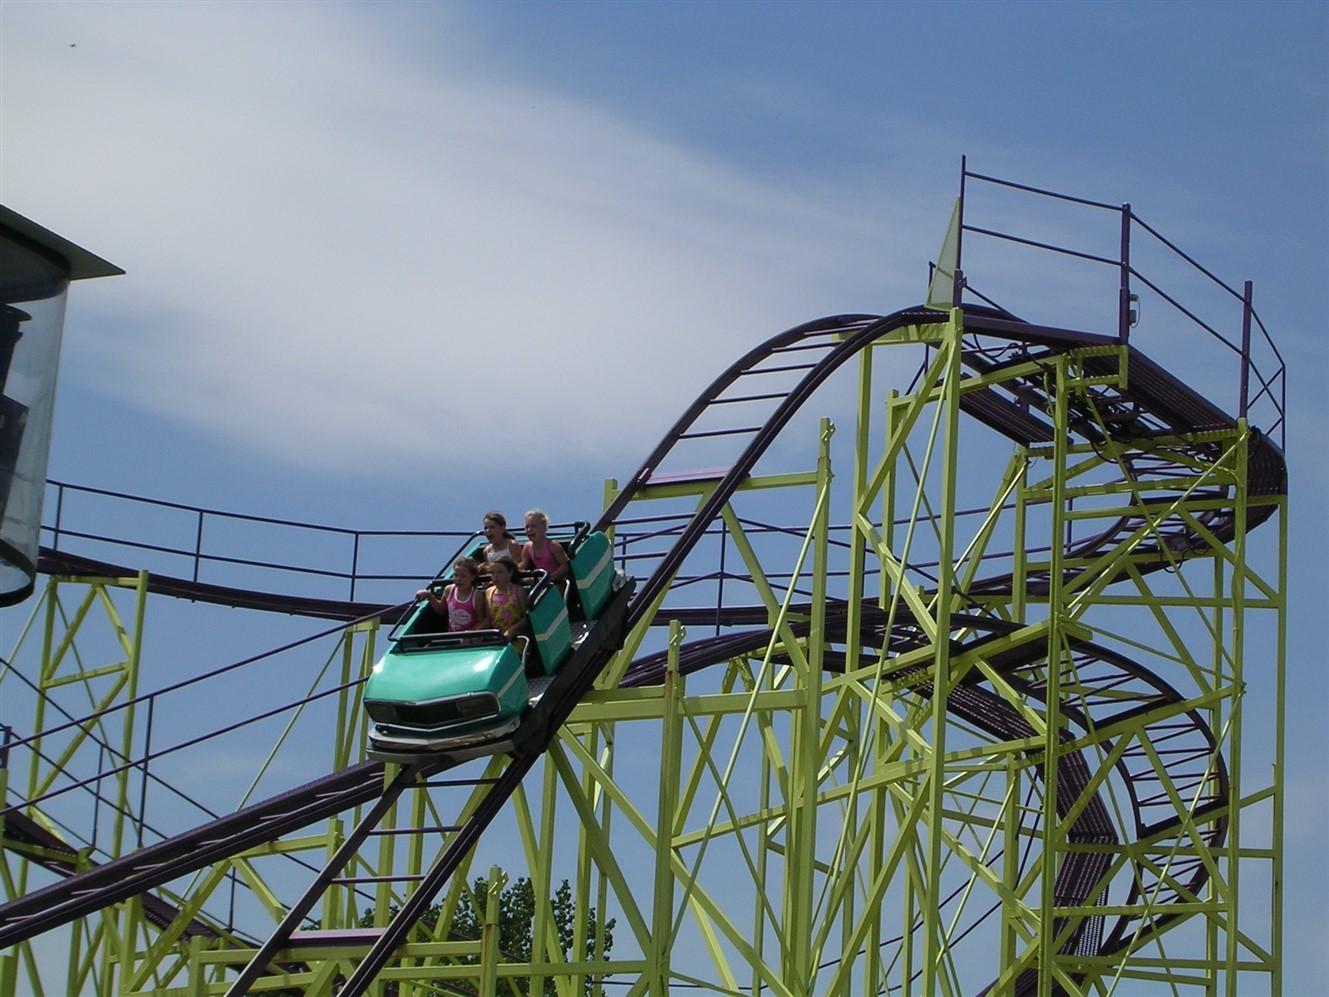 2005 06 03 Cedar Point 44.jpg